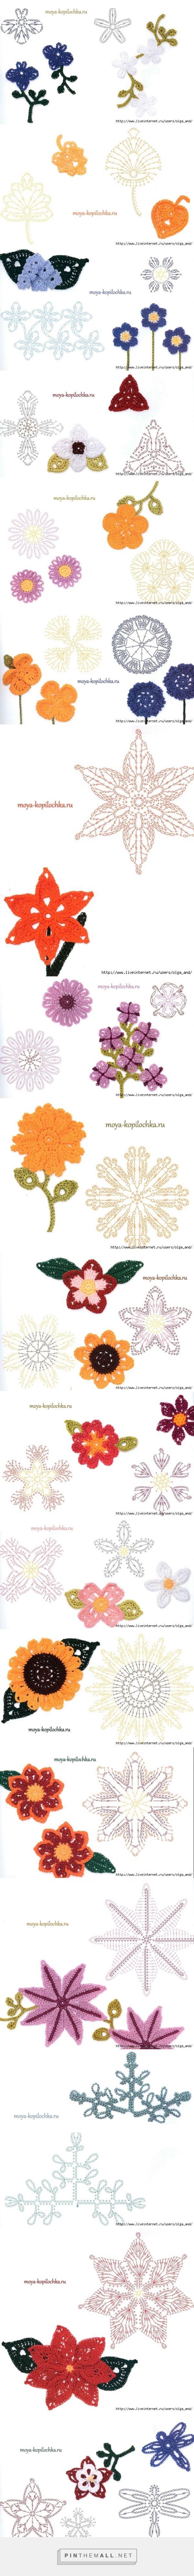 Pin de marlies en handarbeit | Pinterest | Ganchillo, Flores y ...